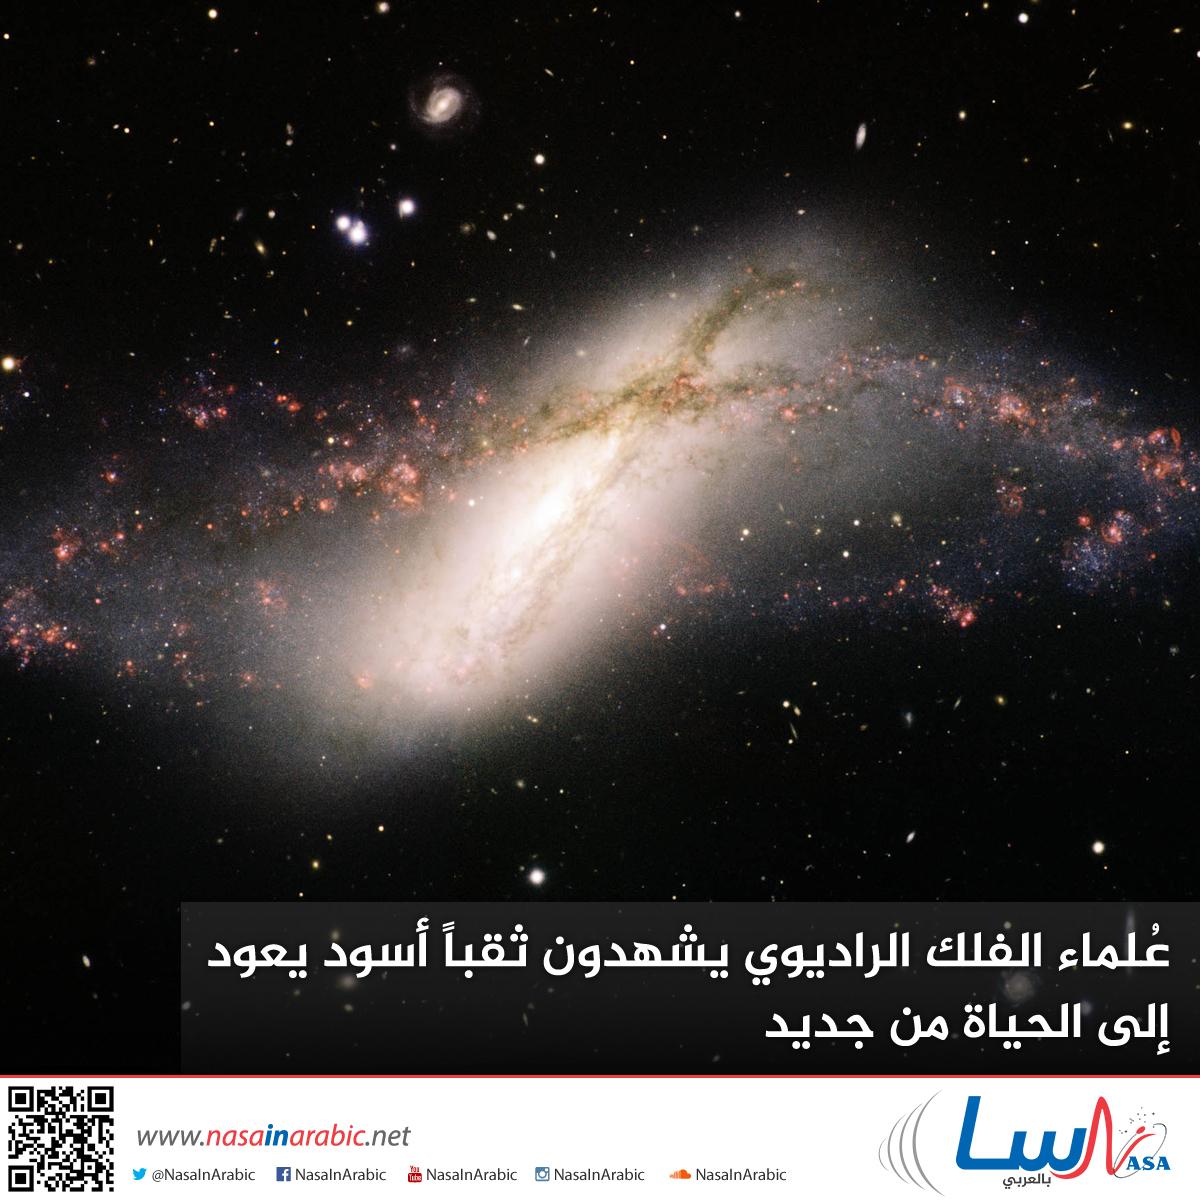 عُلماء الفلك الراديوي يشهدون ثقباً أسود يعود إلى الحياة من جديد